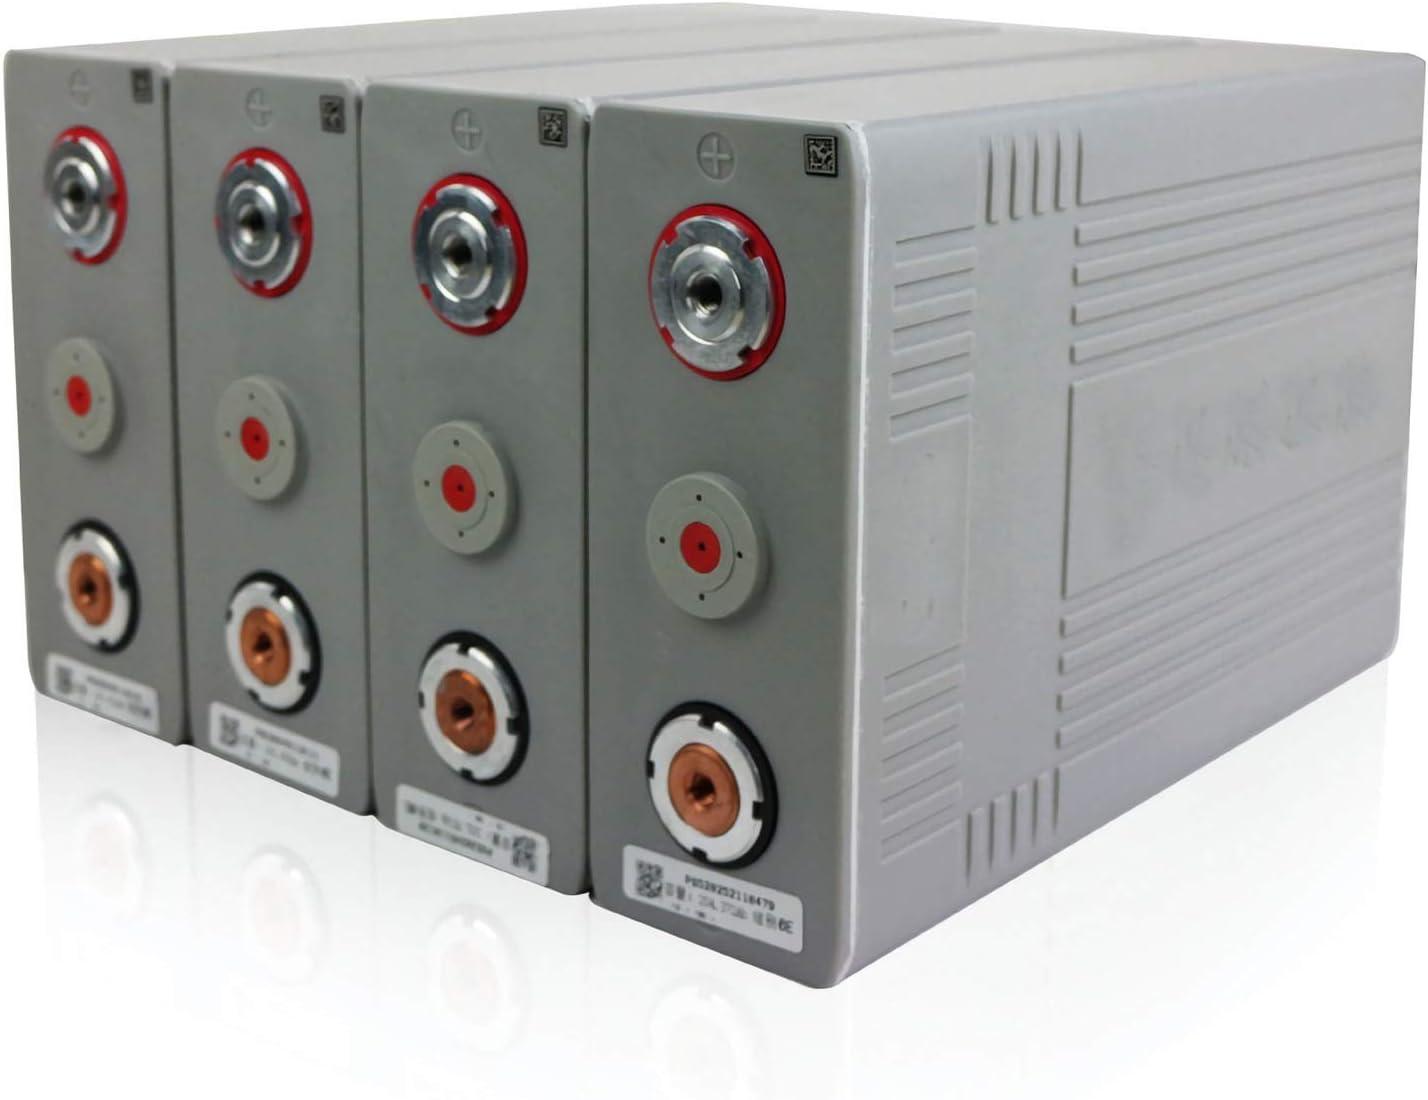 LeiQuanQuan Batería lifepo4 4pcs 3.2v 100ah LIFEPO4 Batería 12V 24V 48V Litio De Hierro Fosfato Cell Nuevo CA100 PLÁSTICO para Solar RV batería Recargable